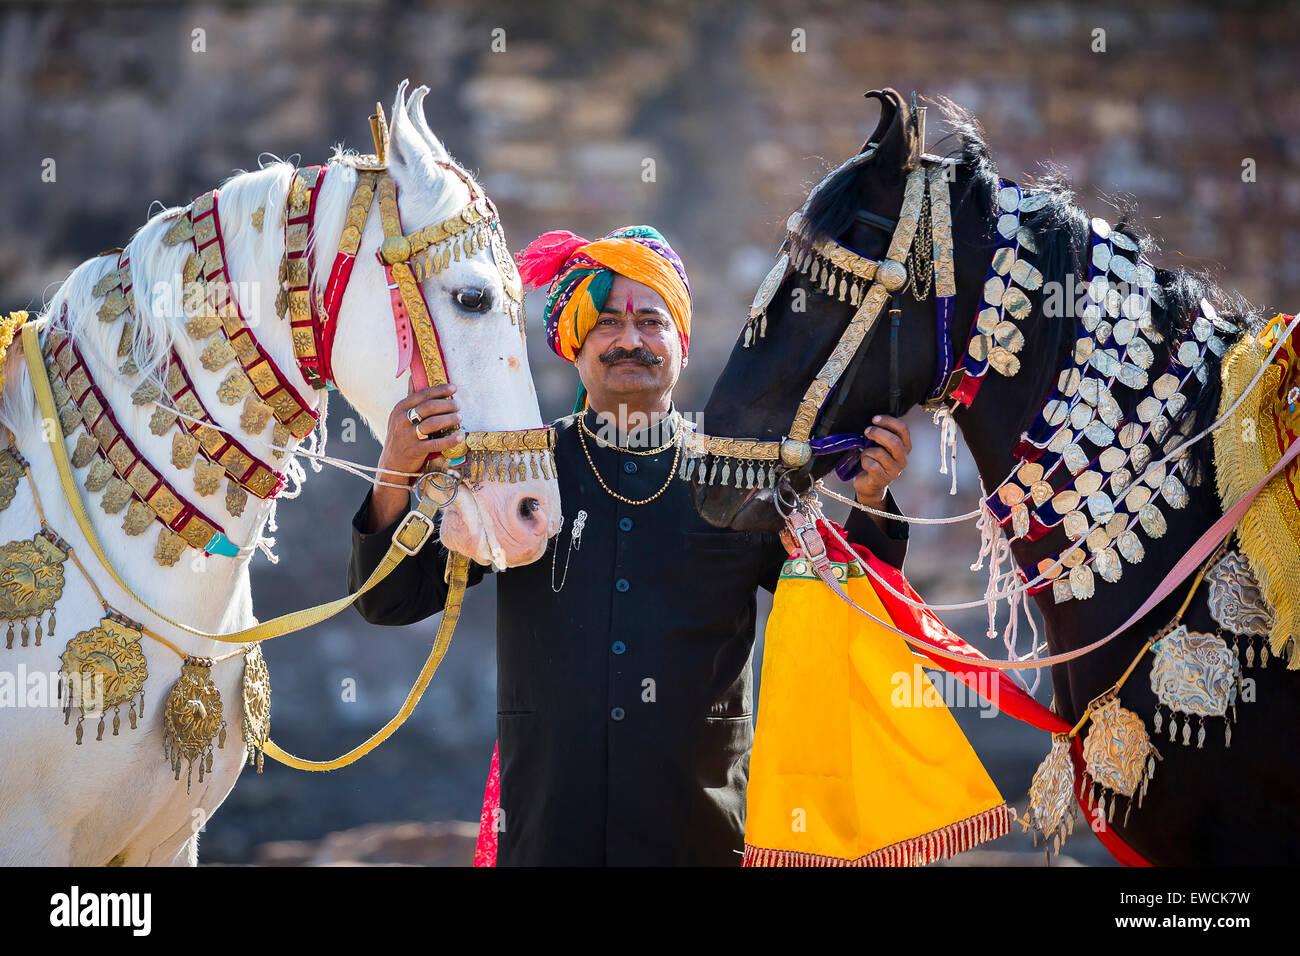 Chevaux Marwari. Paire de chevaux décorés avec fier propriétaire. Le Rajasthan, Inde Photo Stock